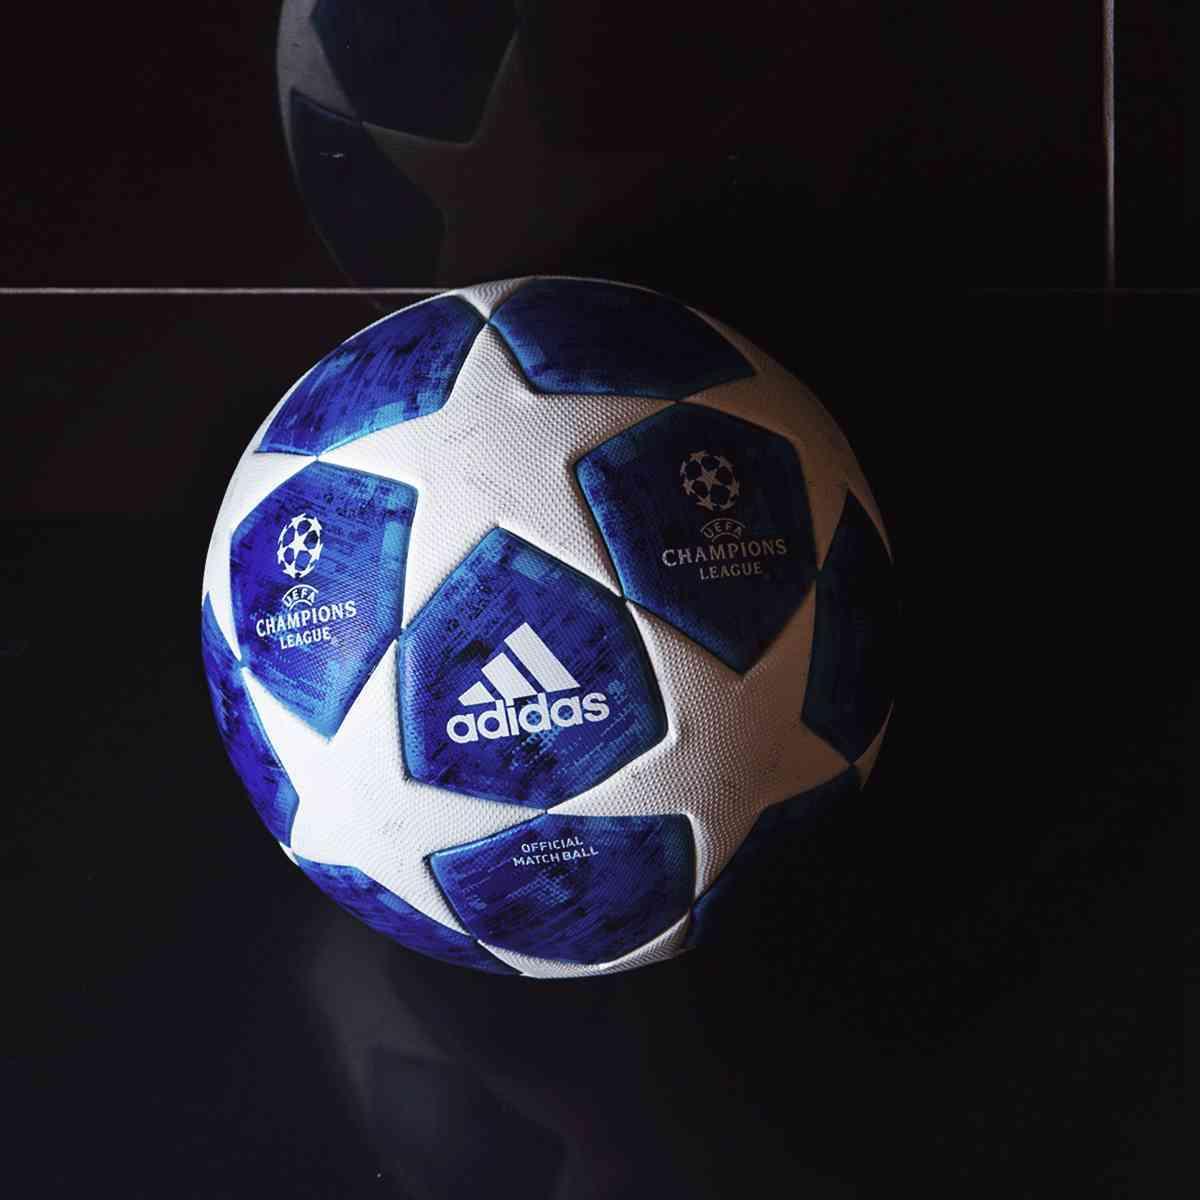 欧冠联赛全新官方比赛用球发布蓝底白星颜值高